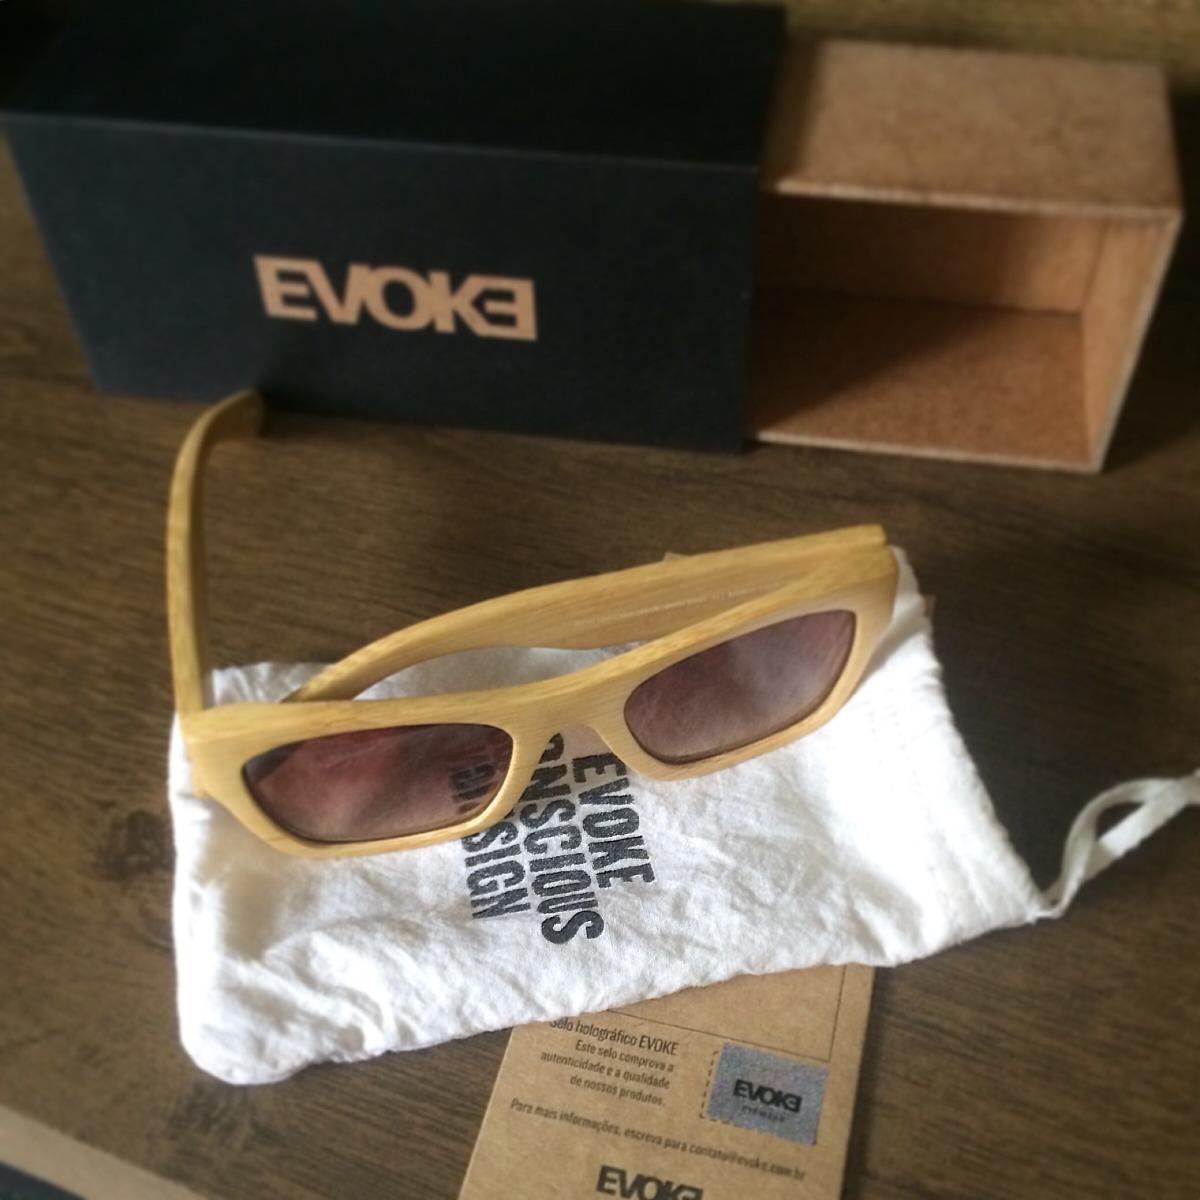 39d25cb5a Oculos De Sol Evoke Wood Series Original Madeira - R$ 238,09 em ...